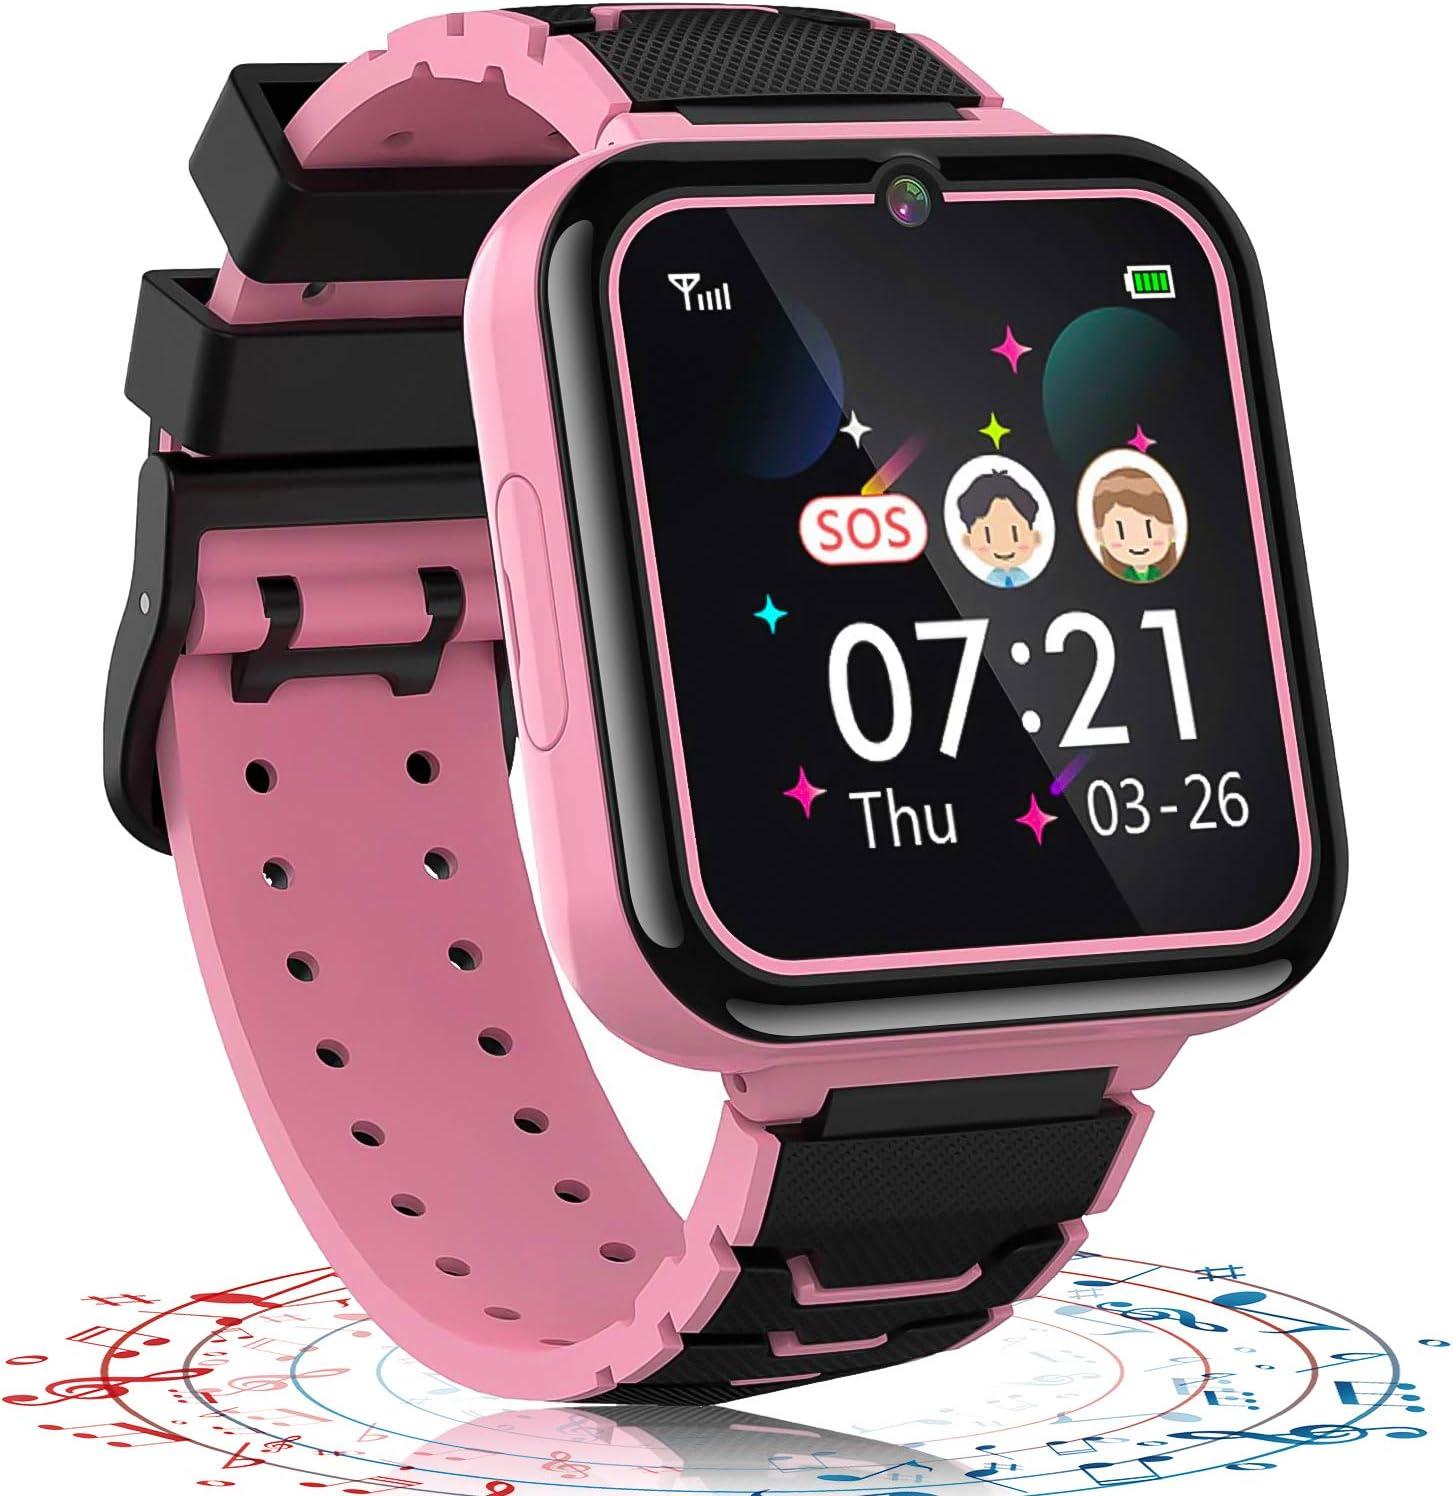 Vannico Reloj Inteligente niño, 12 in 1 Smartwatch para Niños Game Watch 7 Juegos SOS Llamada Música Cámara Grabadora para 3-12 Niño Niña, Soporta 4G/2G Tarjetas Micro SIM (Rosa)